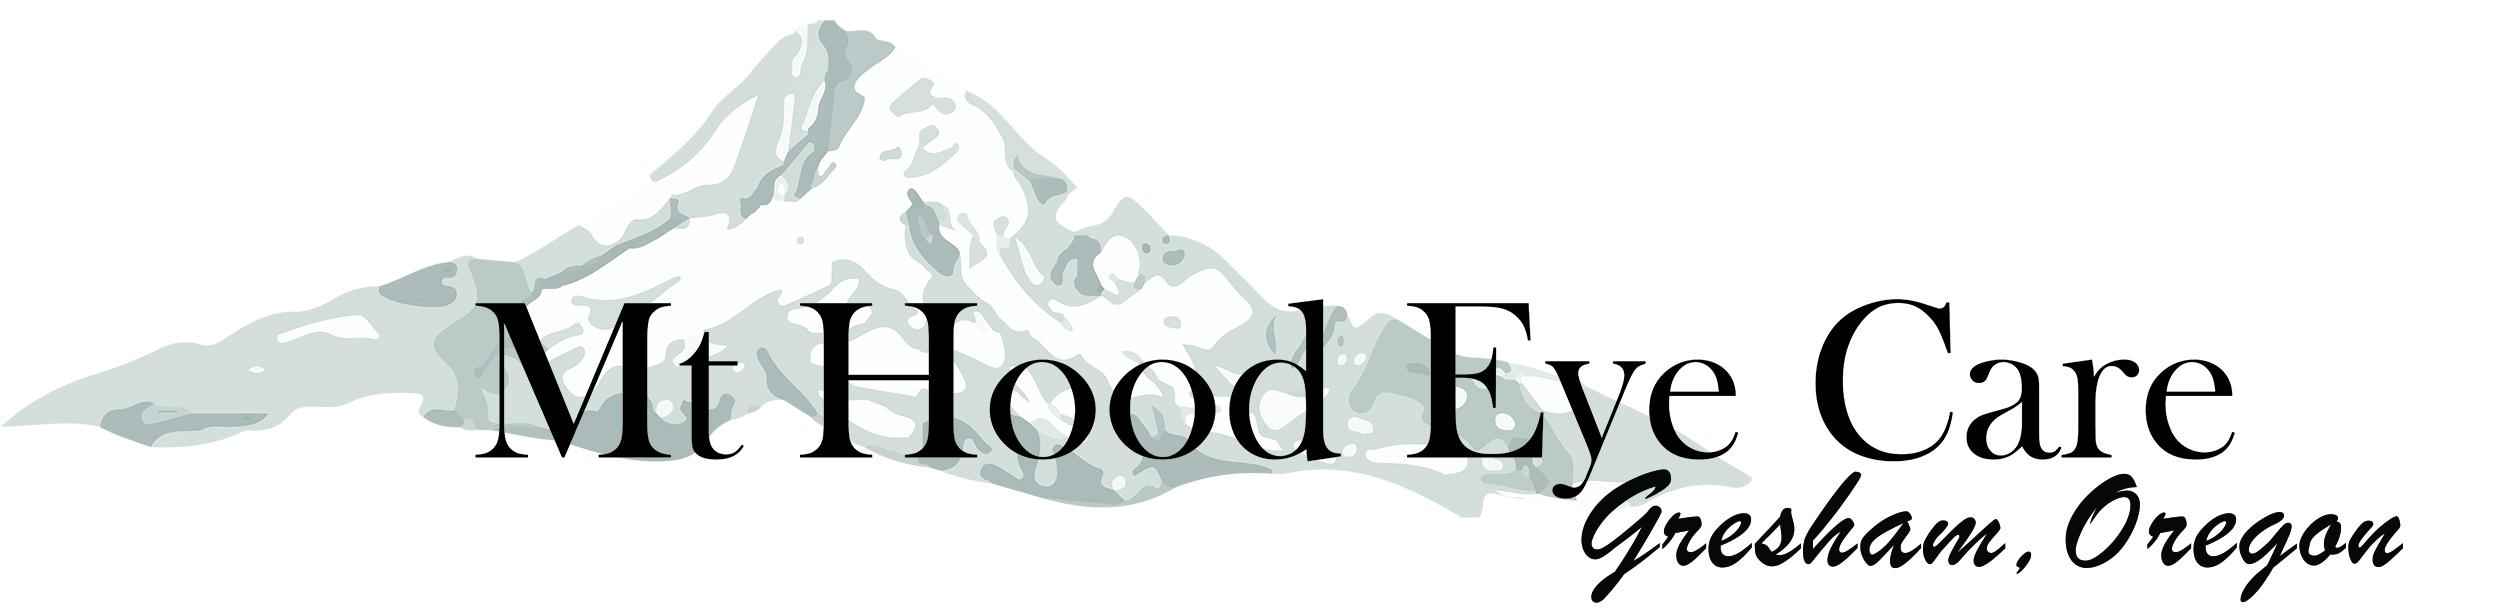 MtHoodEyeCare-Layered-Gresham-2500v3